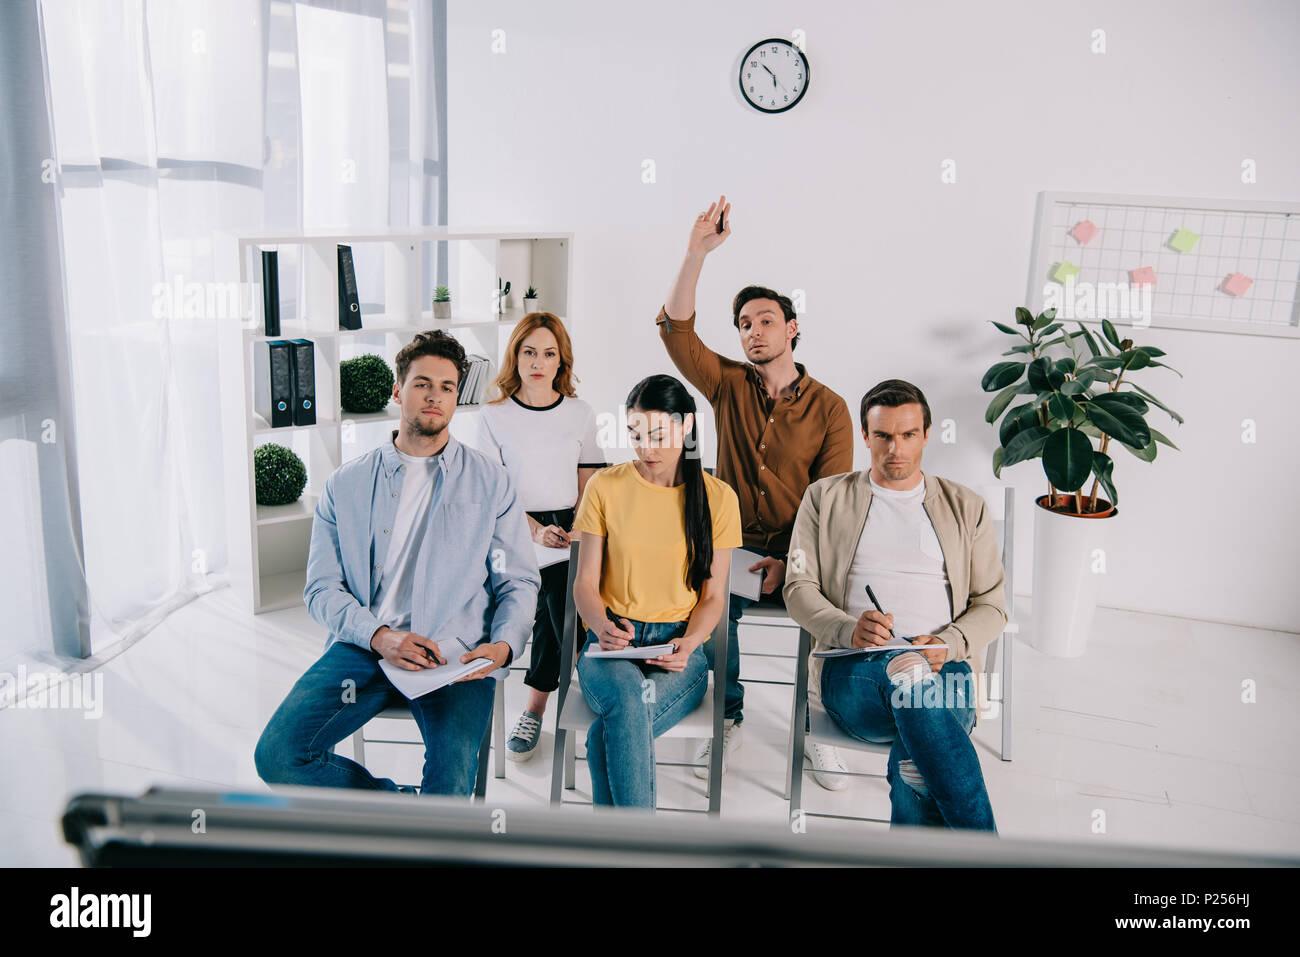 Groupe de gens d'affaires dans des vêtements décontractés avec les ordinateurs portables ayant une formation en affaires in office Photo Stock